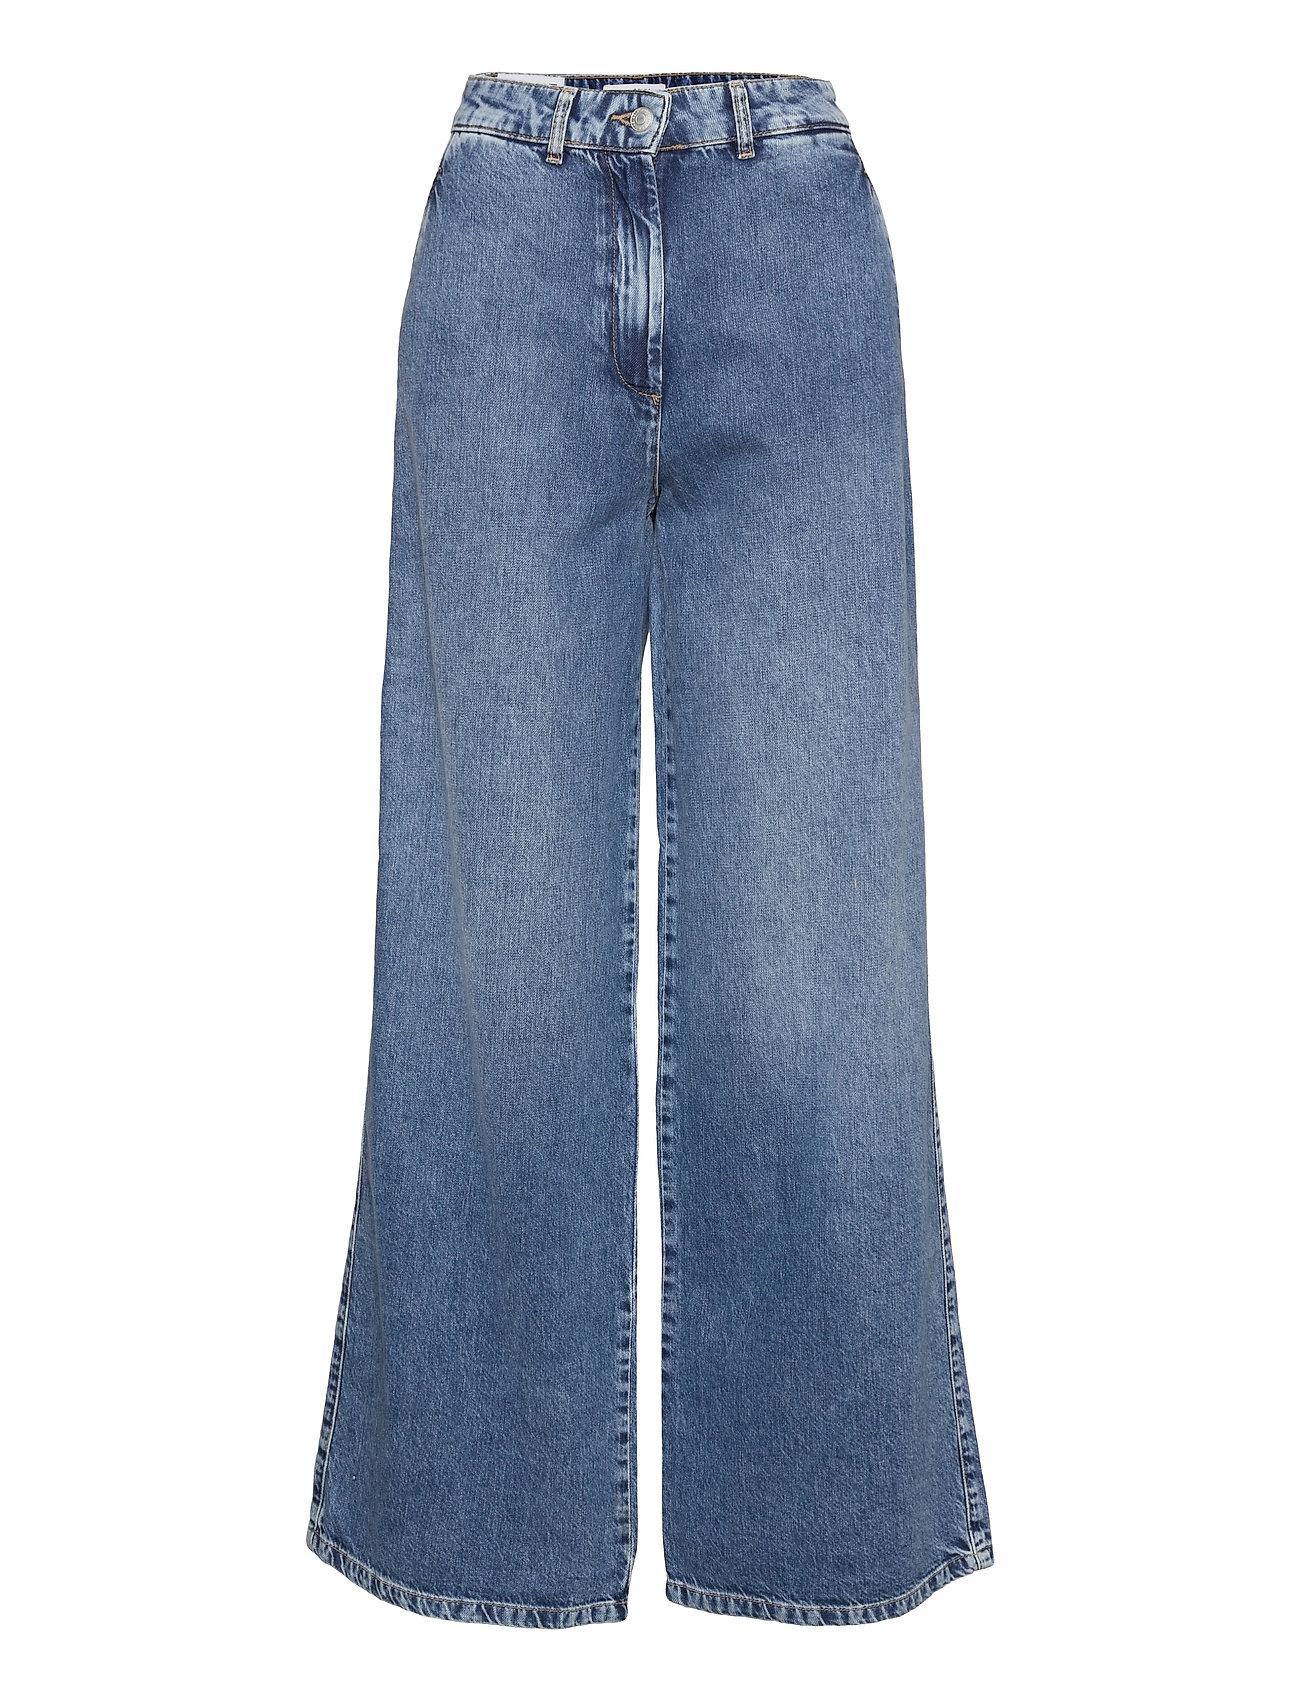 Slfjenni Hw Dark Blue Denim Jeans U Vide Jeans Blå Selected Femme